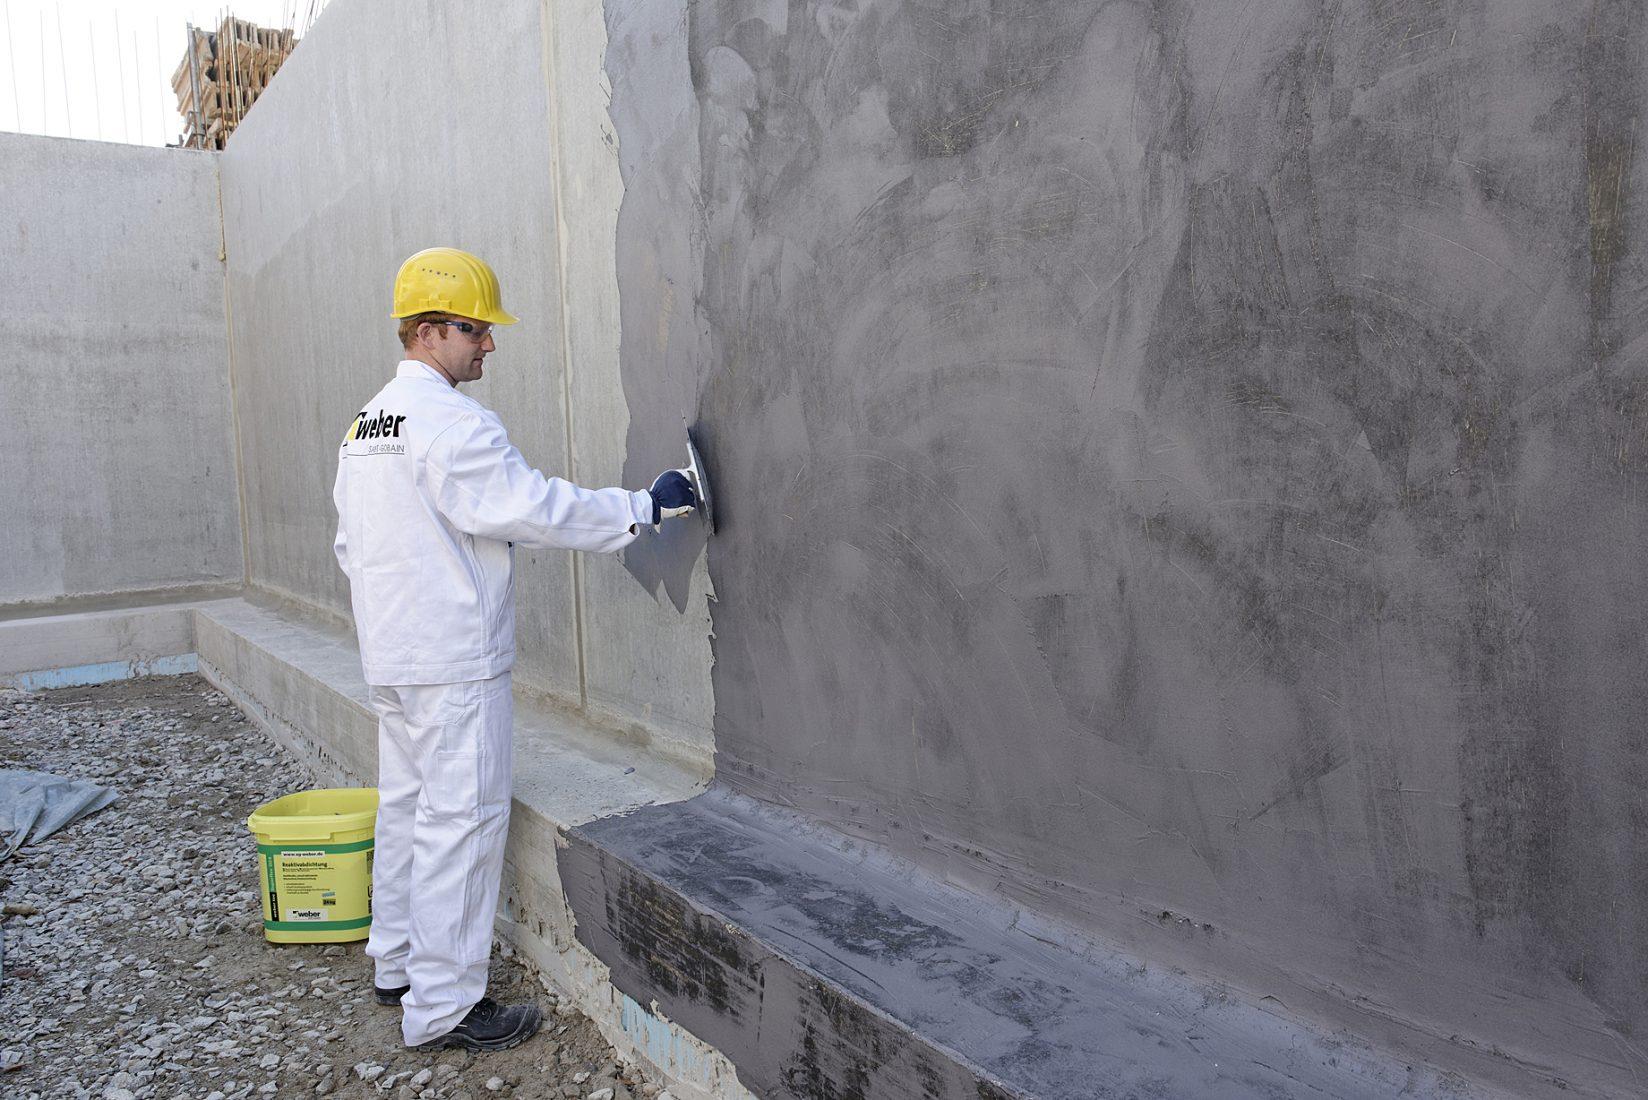 Bitumenfreie Dickbeschichtung zur erdberührten Abdichtung von Kellern und Fundamenten. Foto: Saint-Gobain Weber